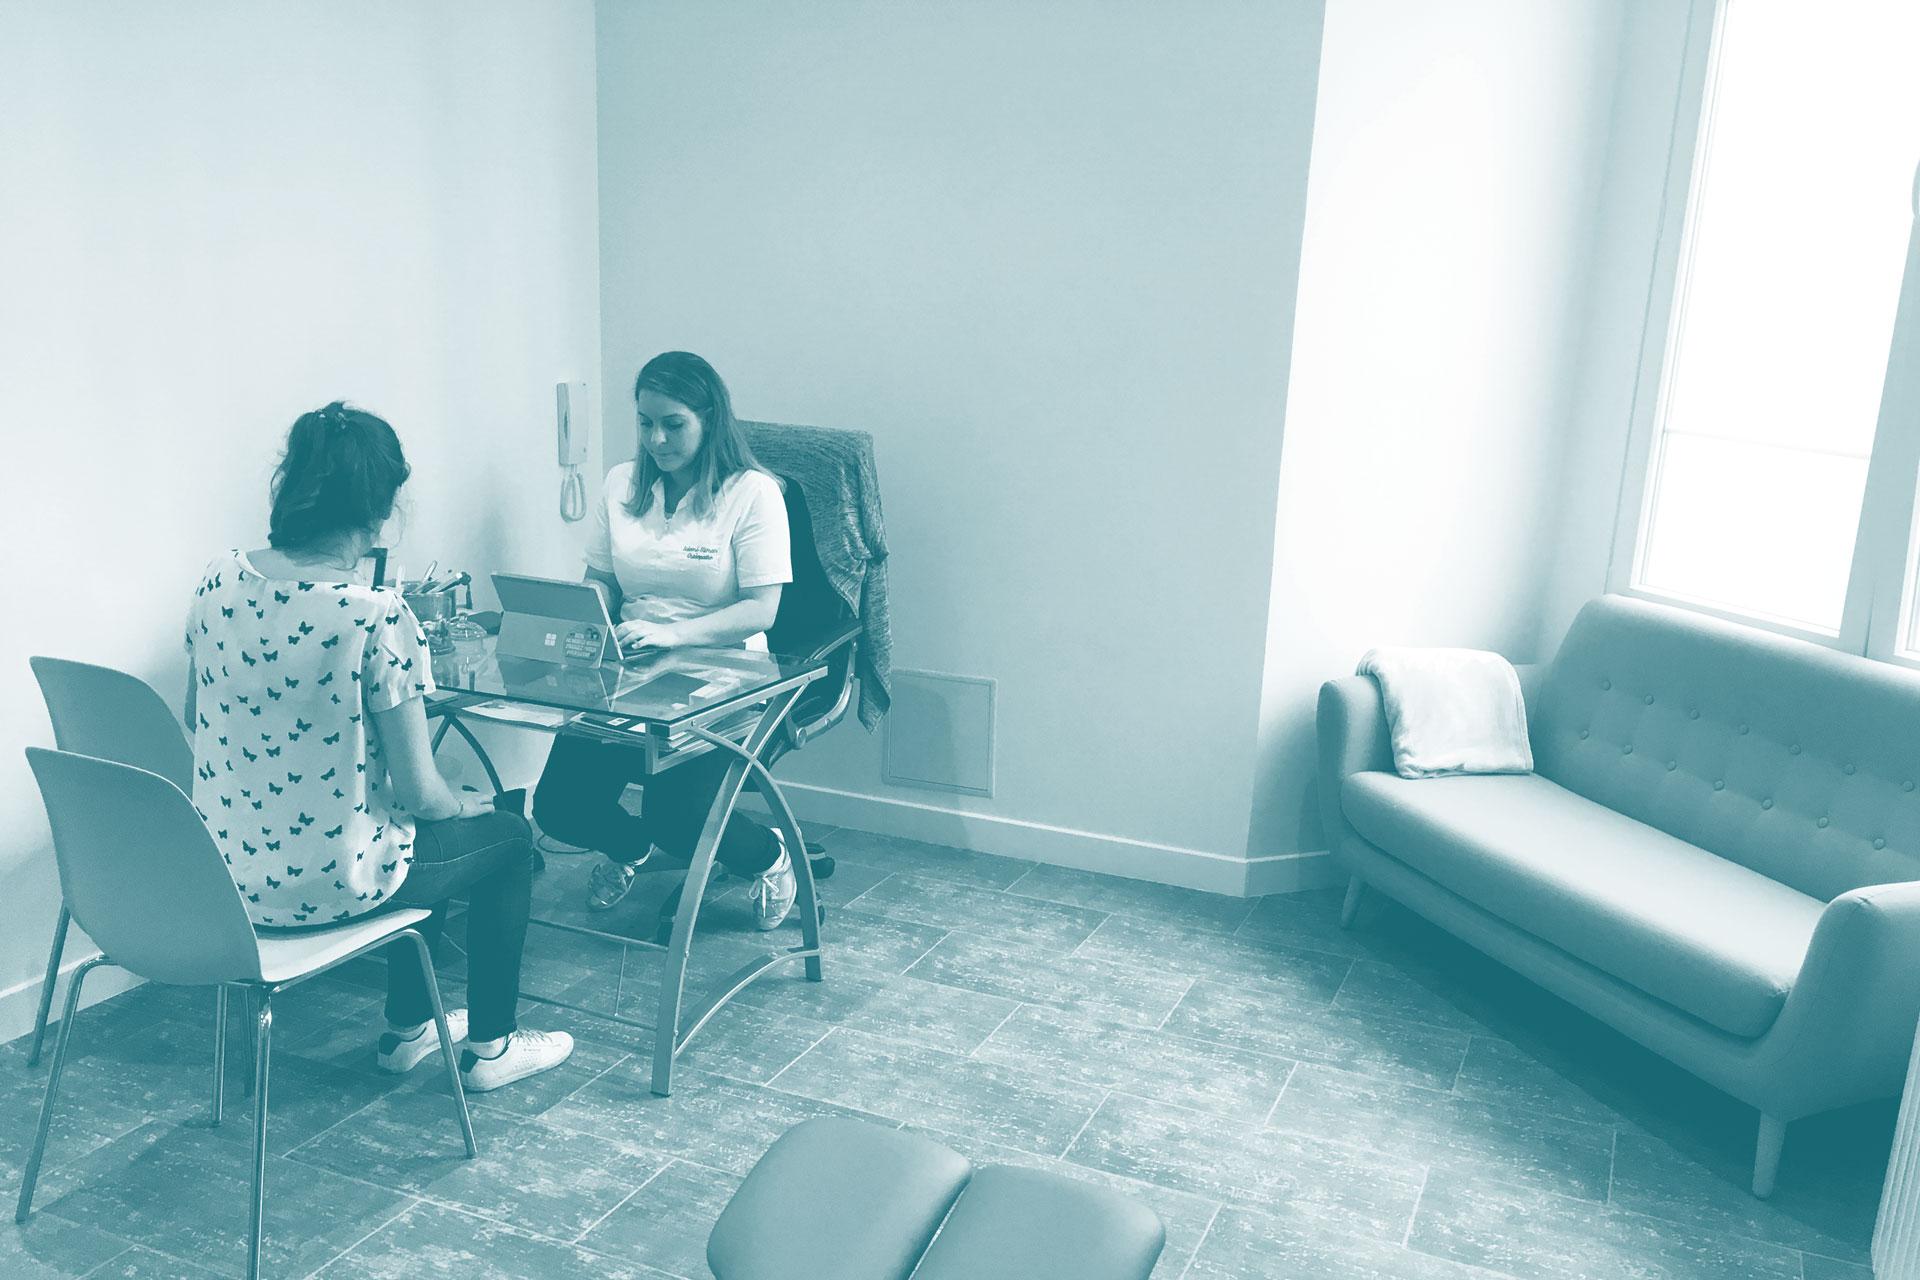 Un rendez-vous avec Salomé Sliman dans son cabinet d'ostéopathie du 11ème arrondissement de Paris